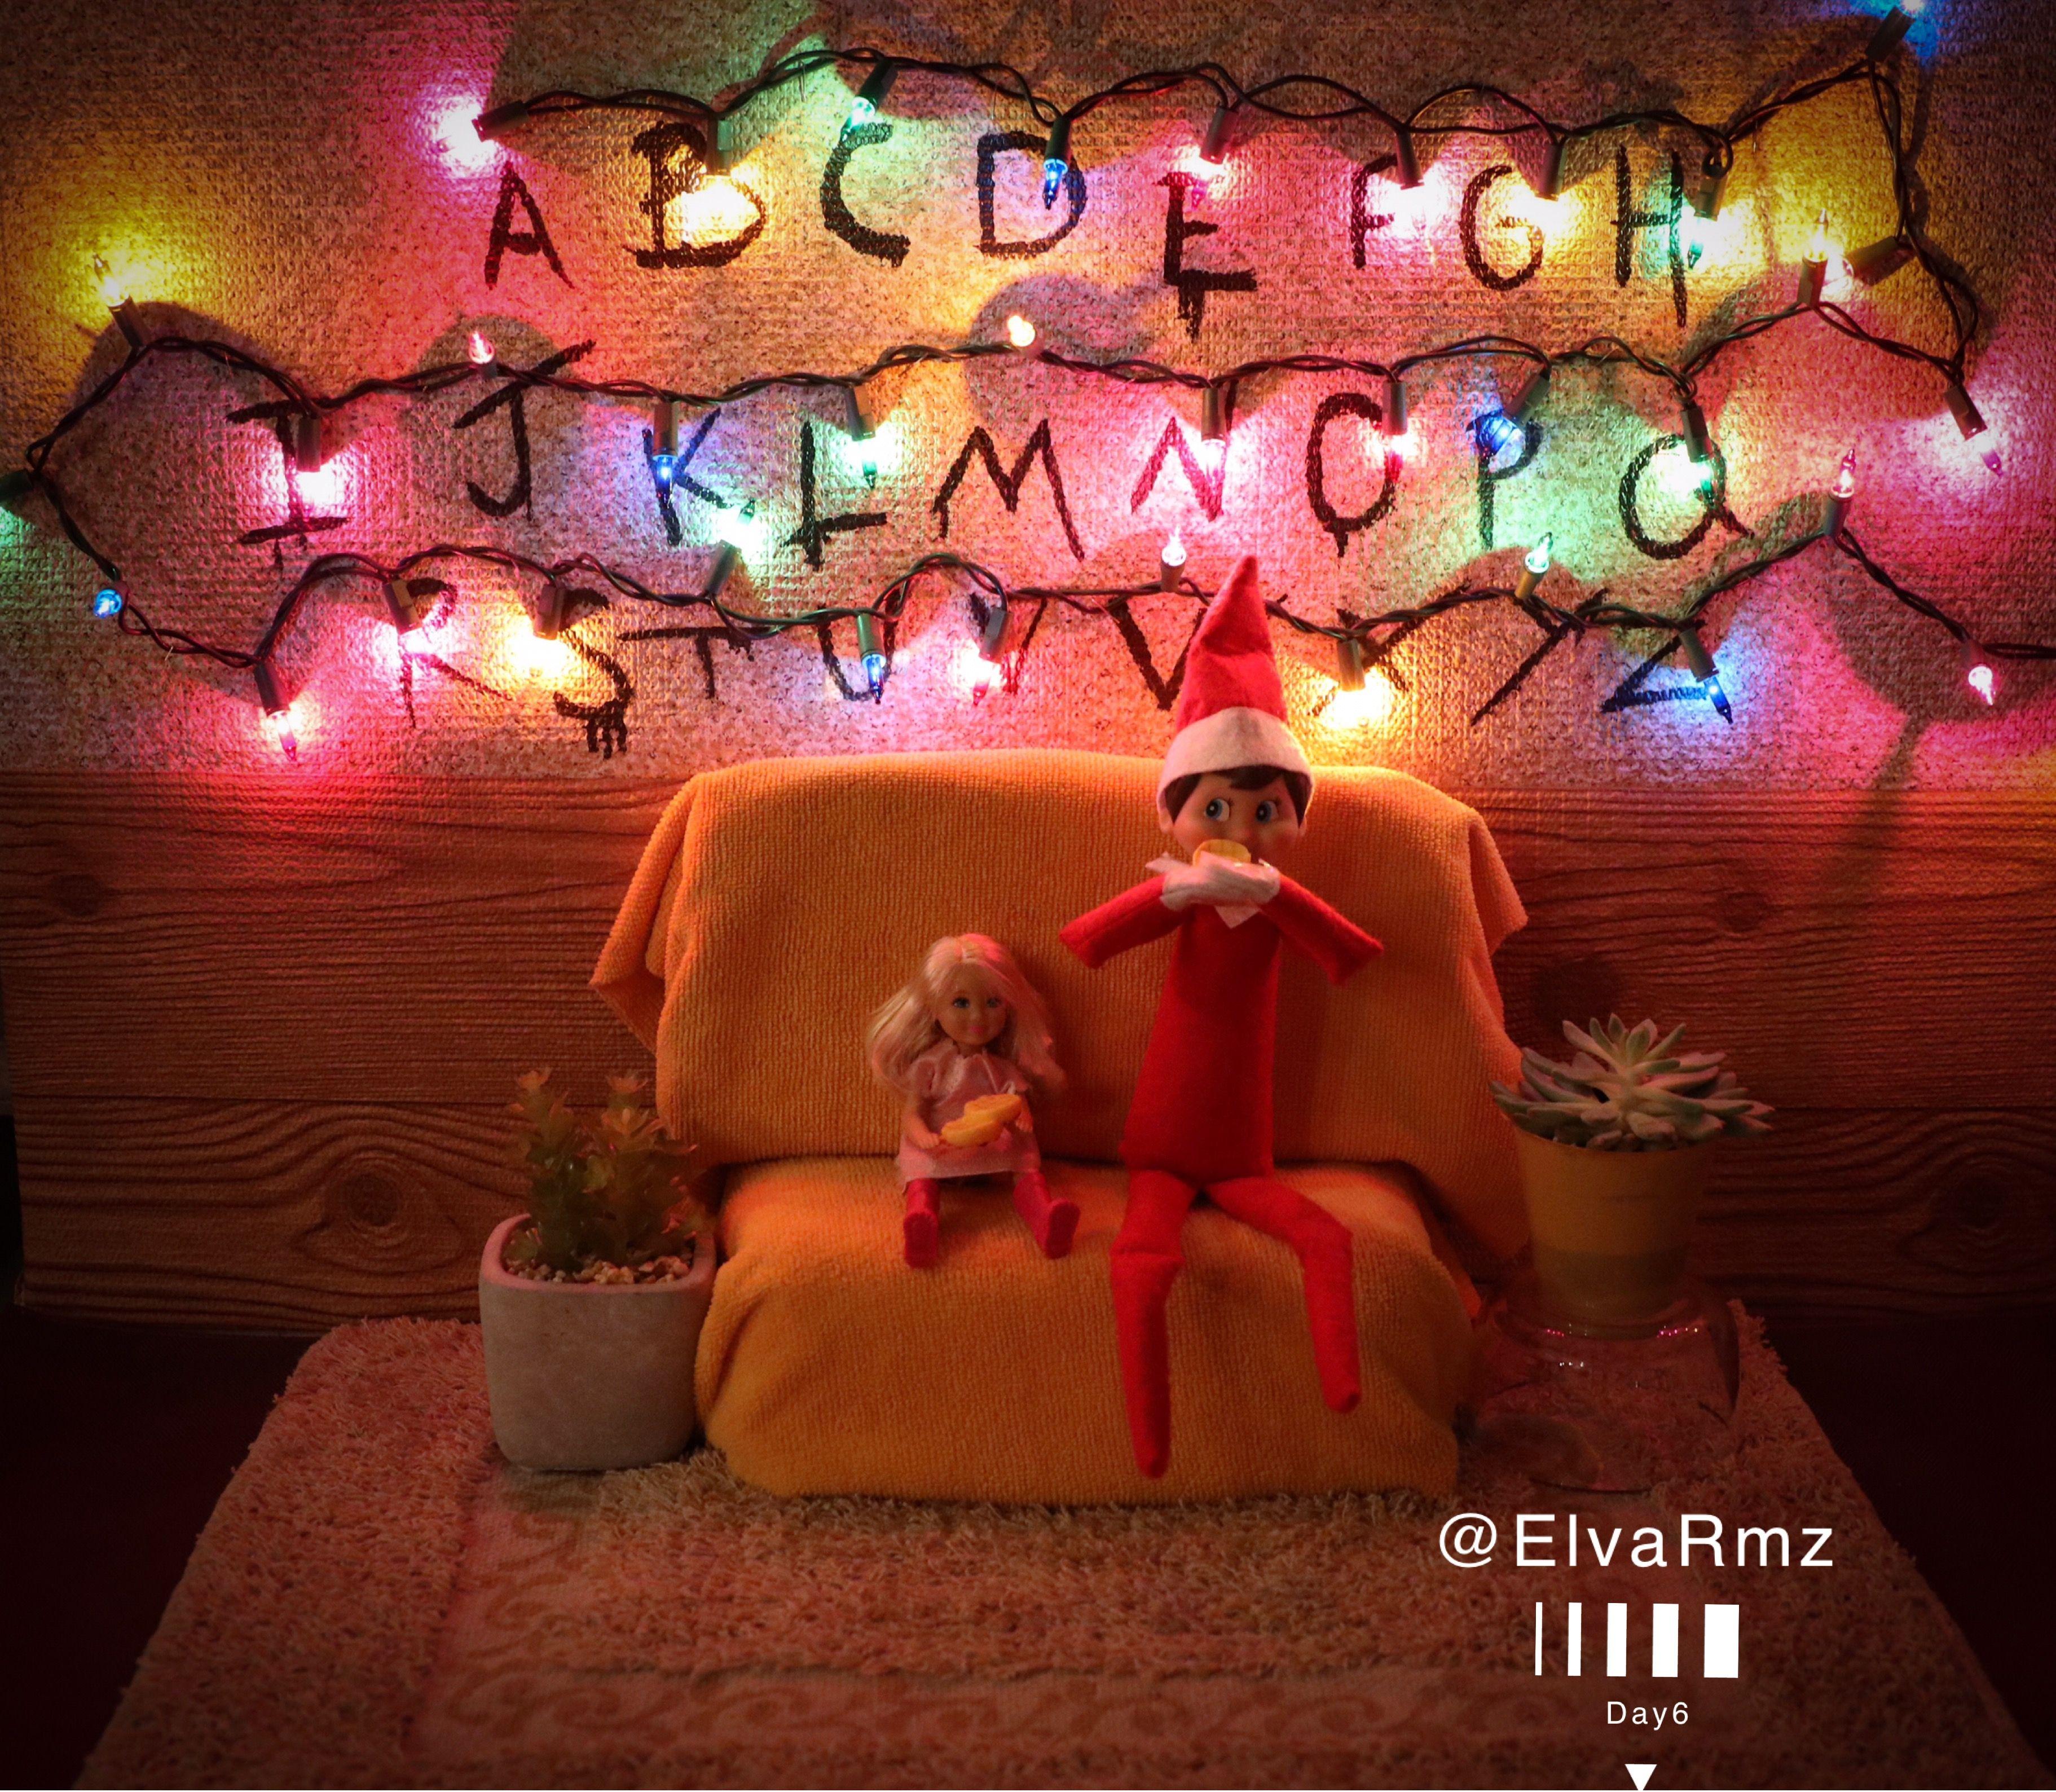 Stranger things Elf on the shelf | Elf on the Shelf | Pinterest